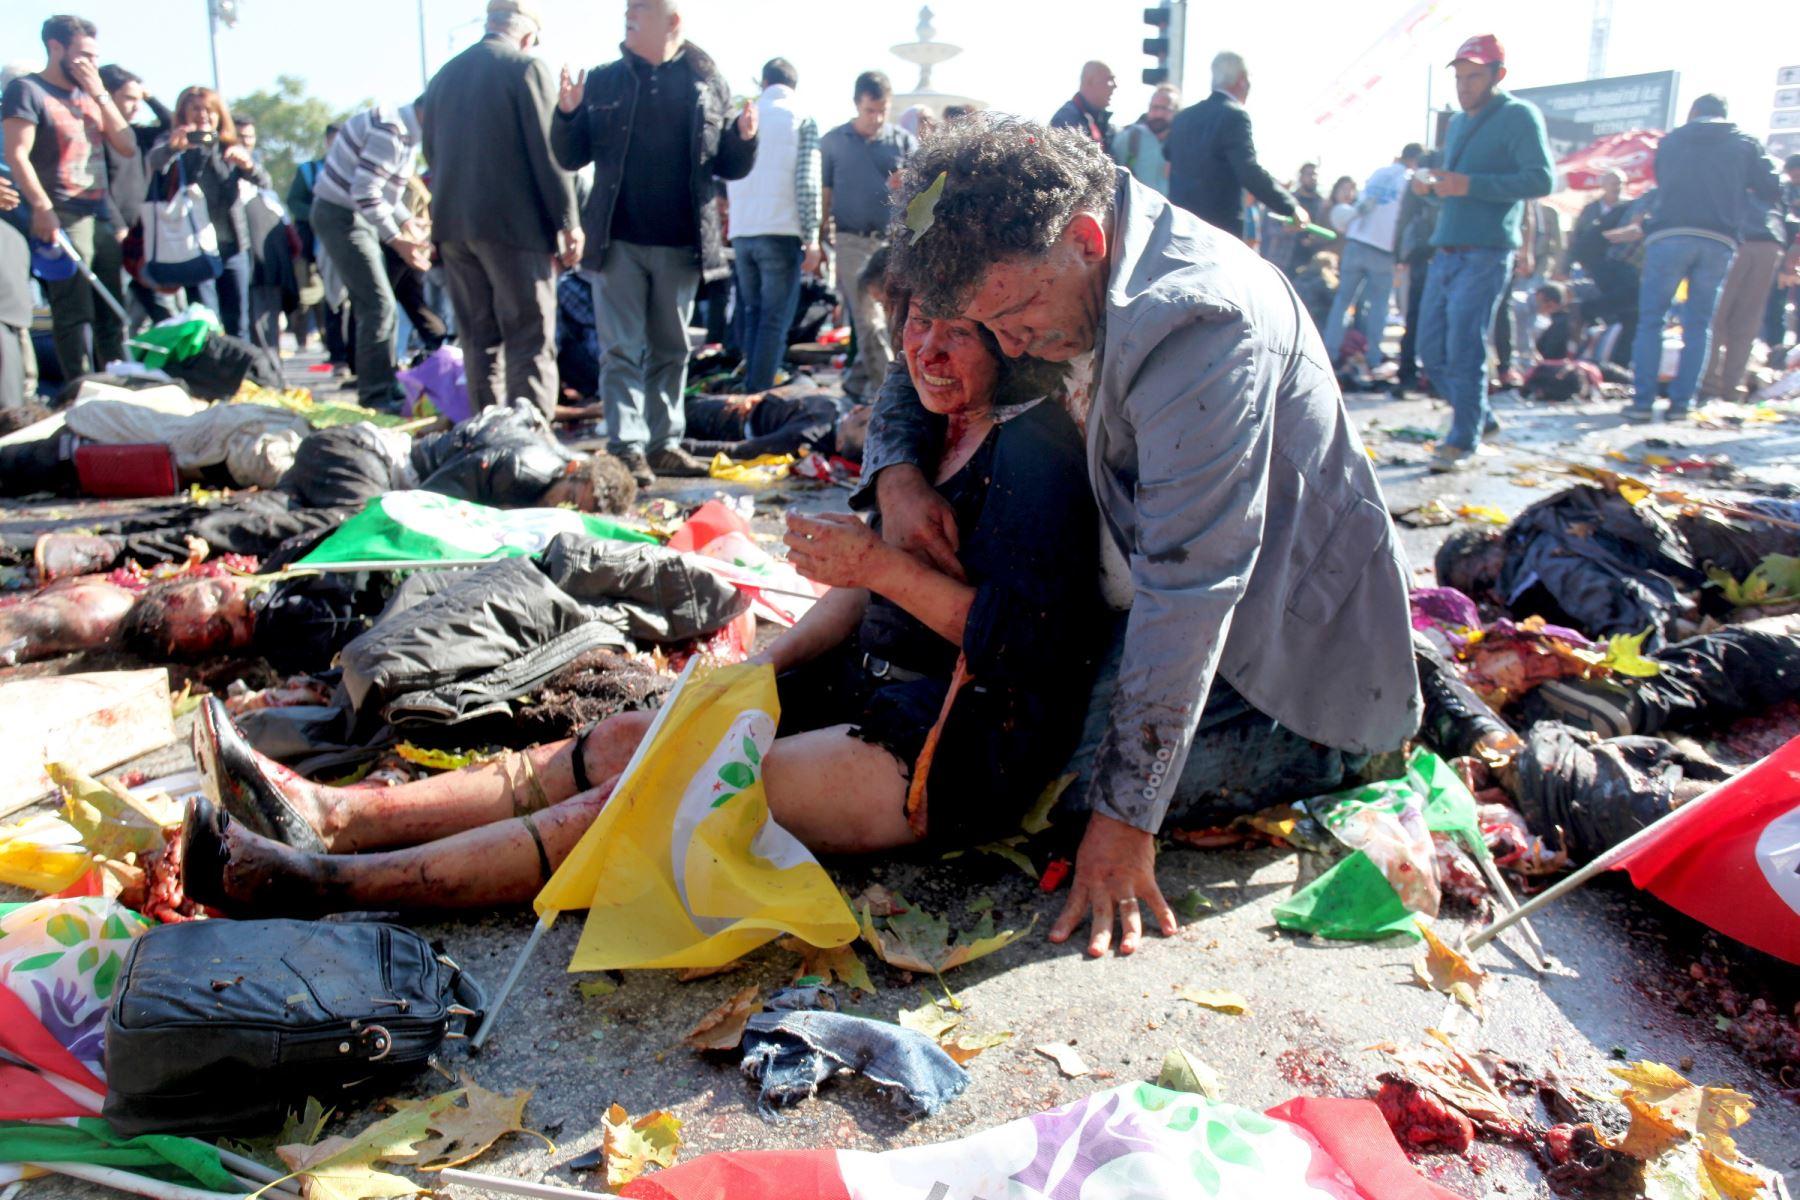 Zamach Photo: Zamach Terrorystyczny Przed Największym